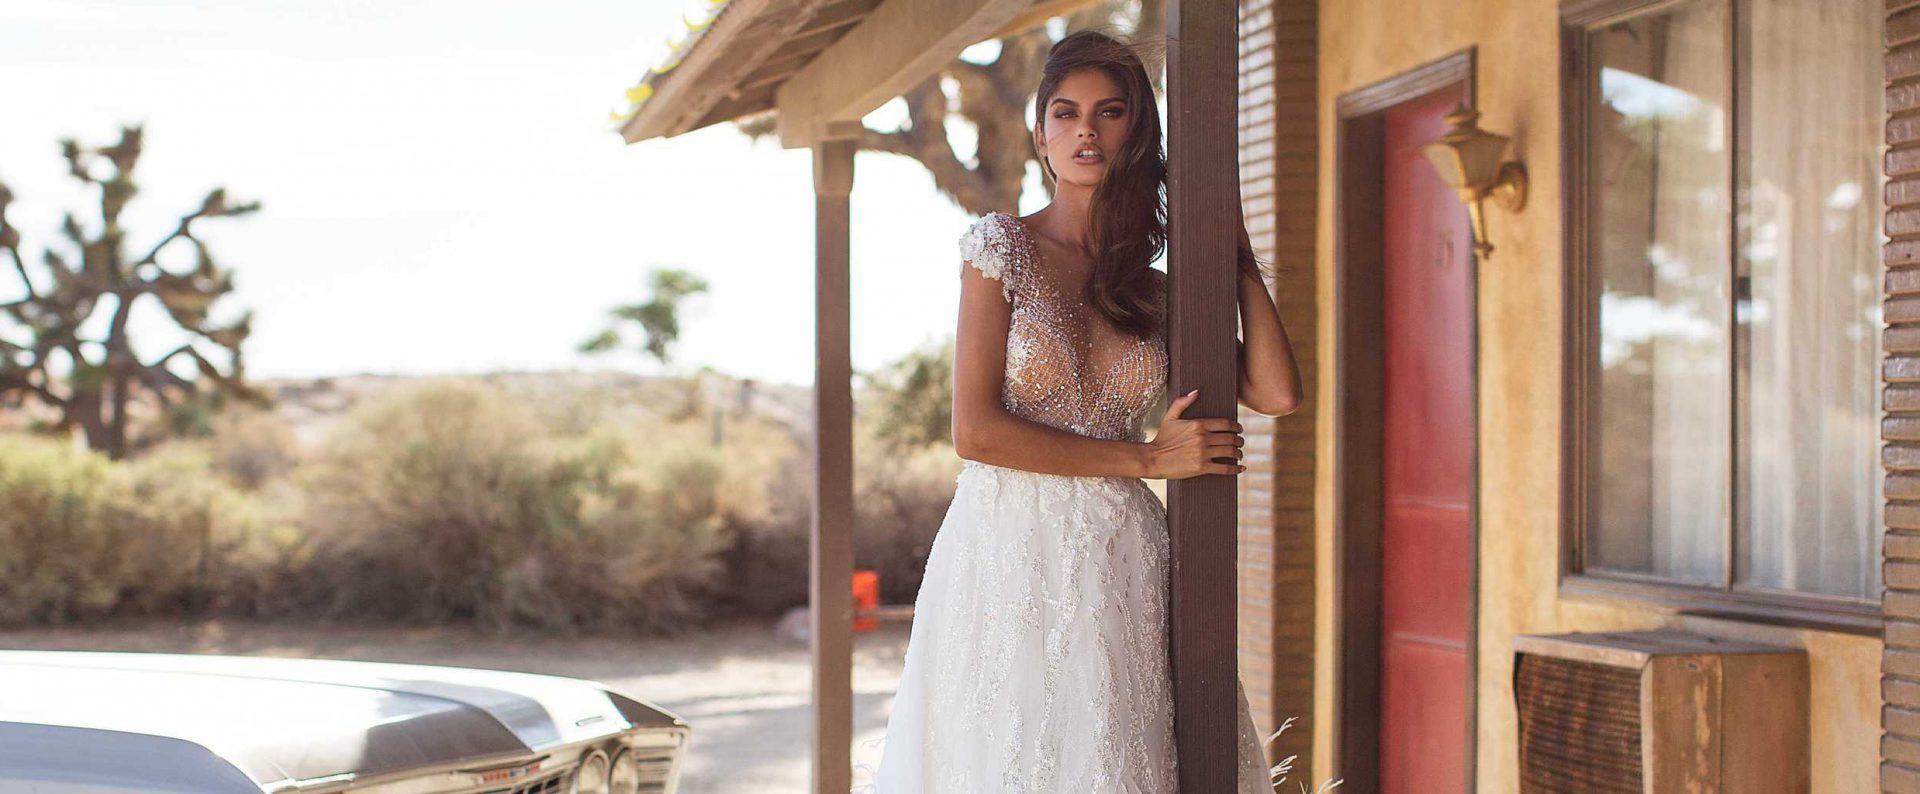 robes de mariee createur milla nova chez metal flaque a paris